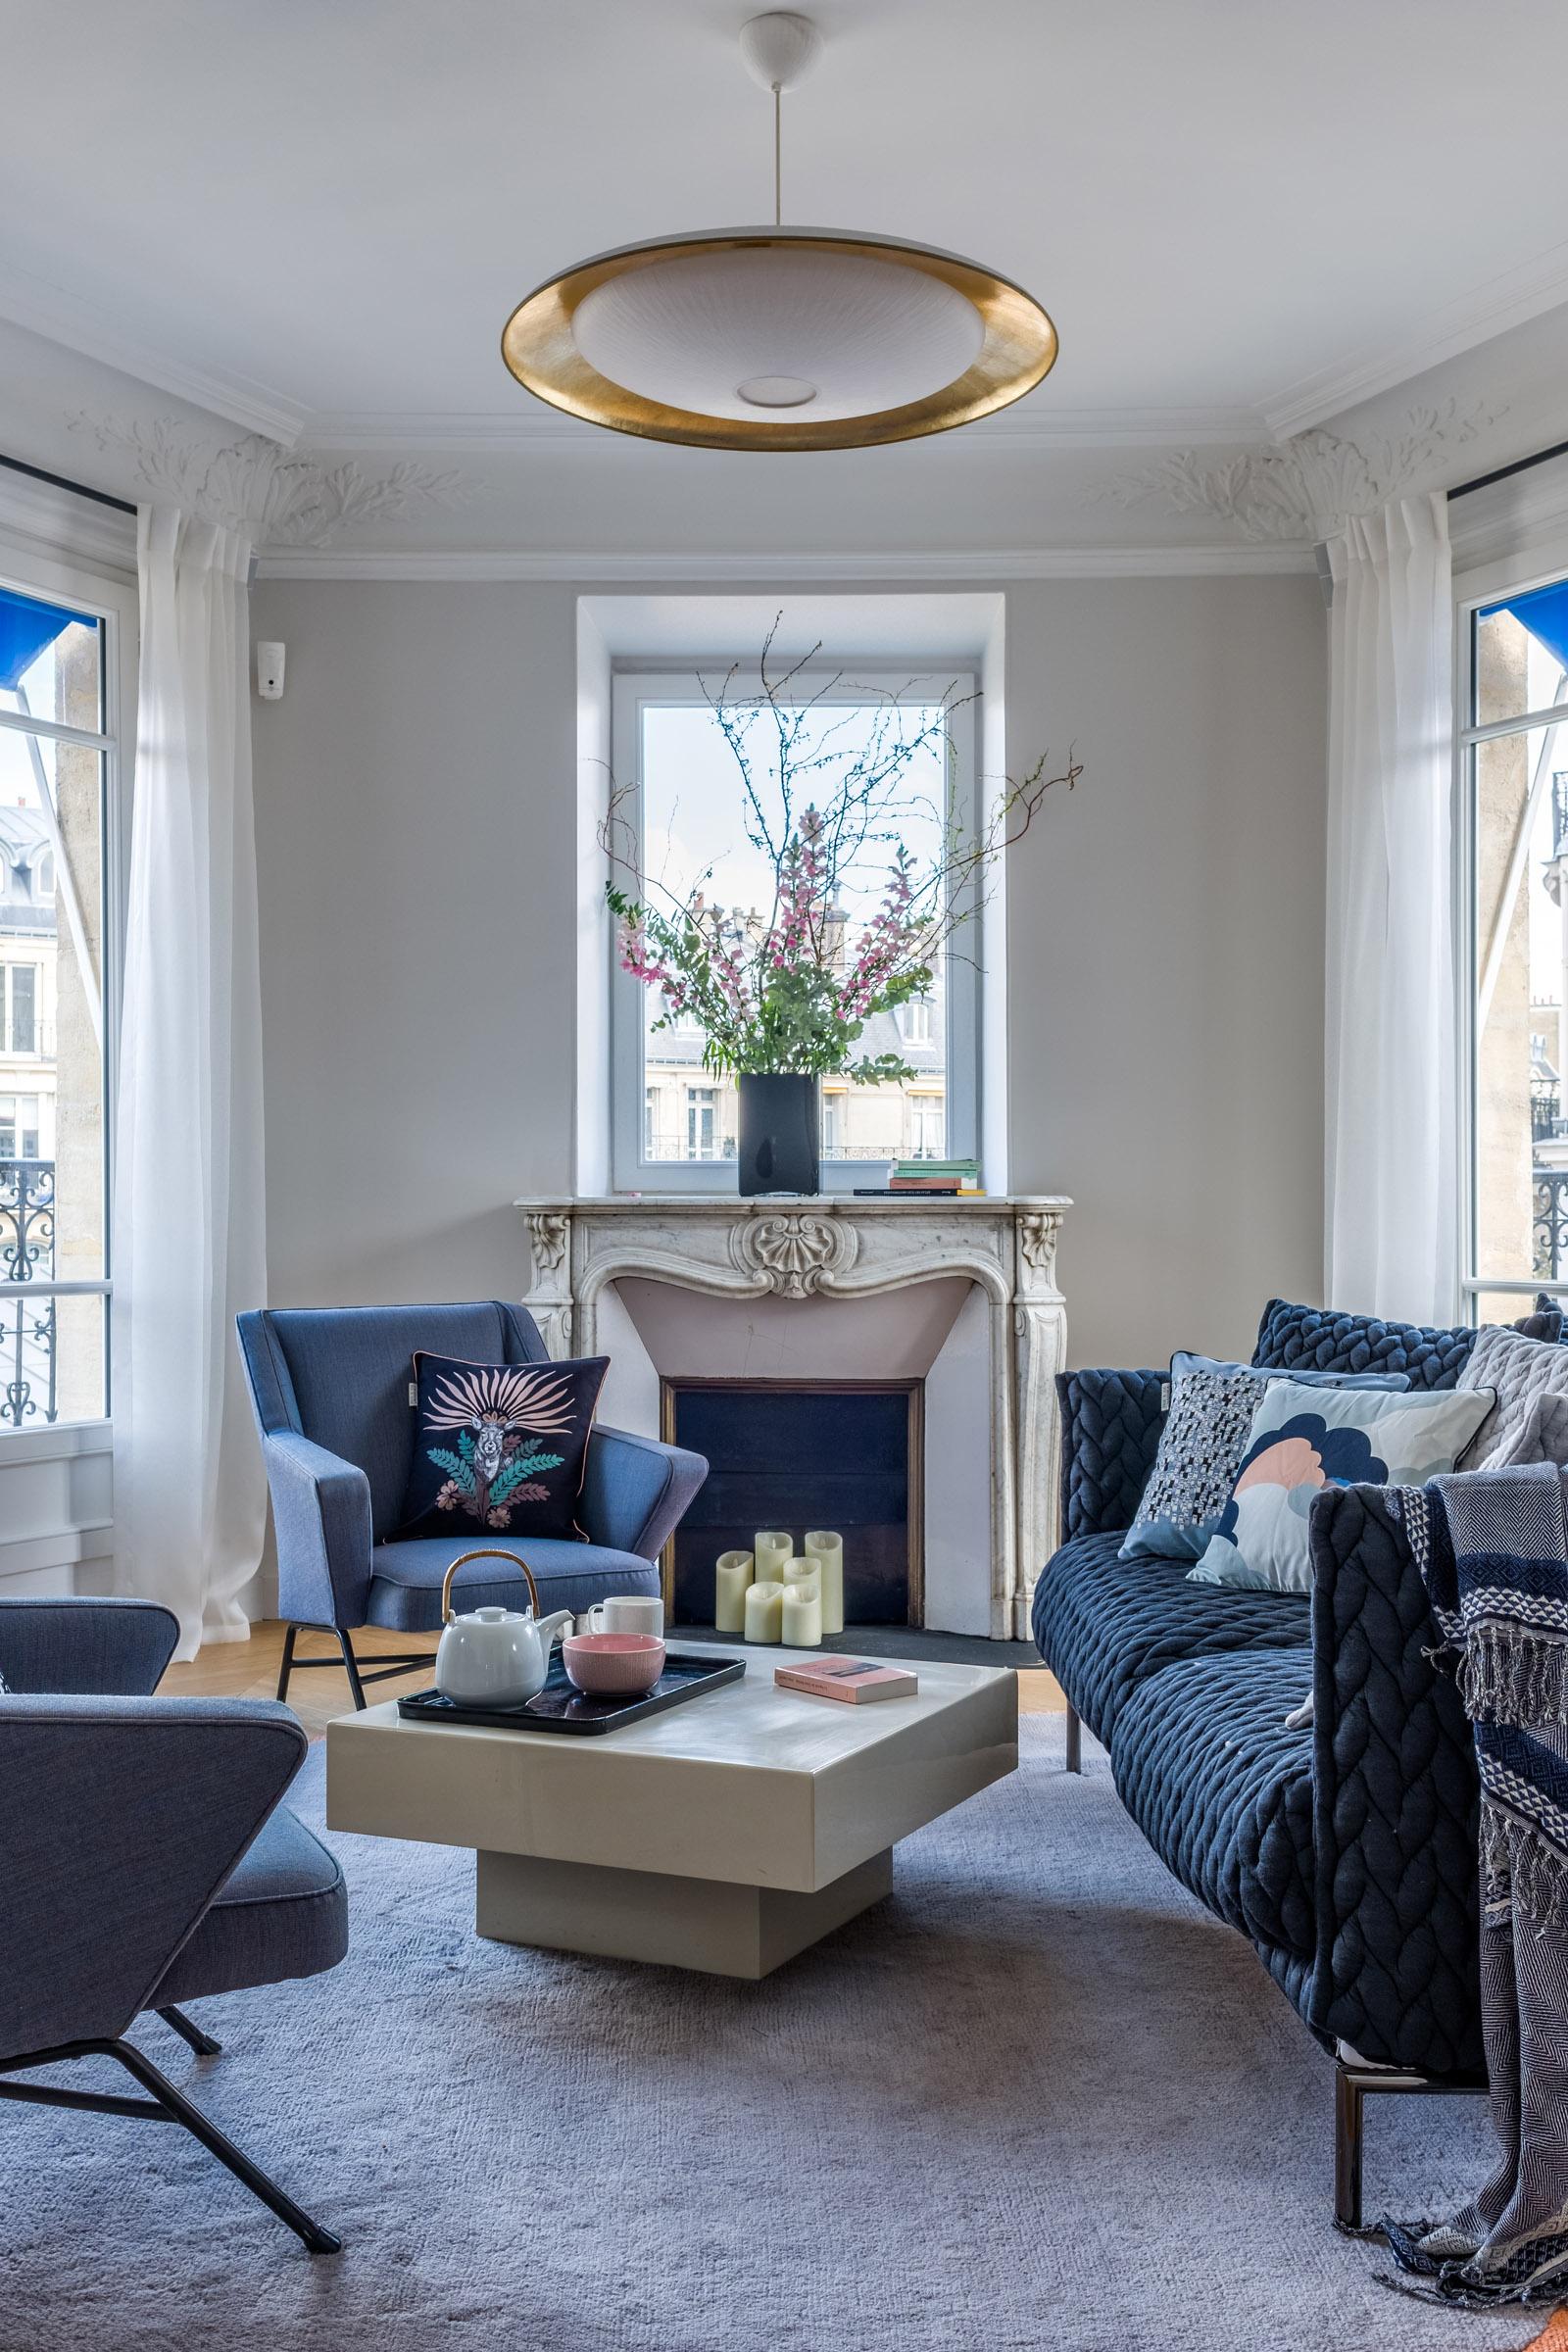 paris 16 boh me chic architecte d 39 int rieur paris. Black Bedroom Furniture Sets. Home Design Ideas